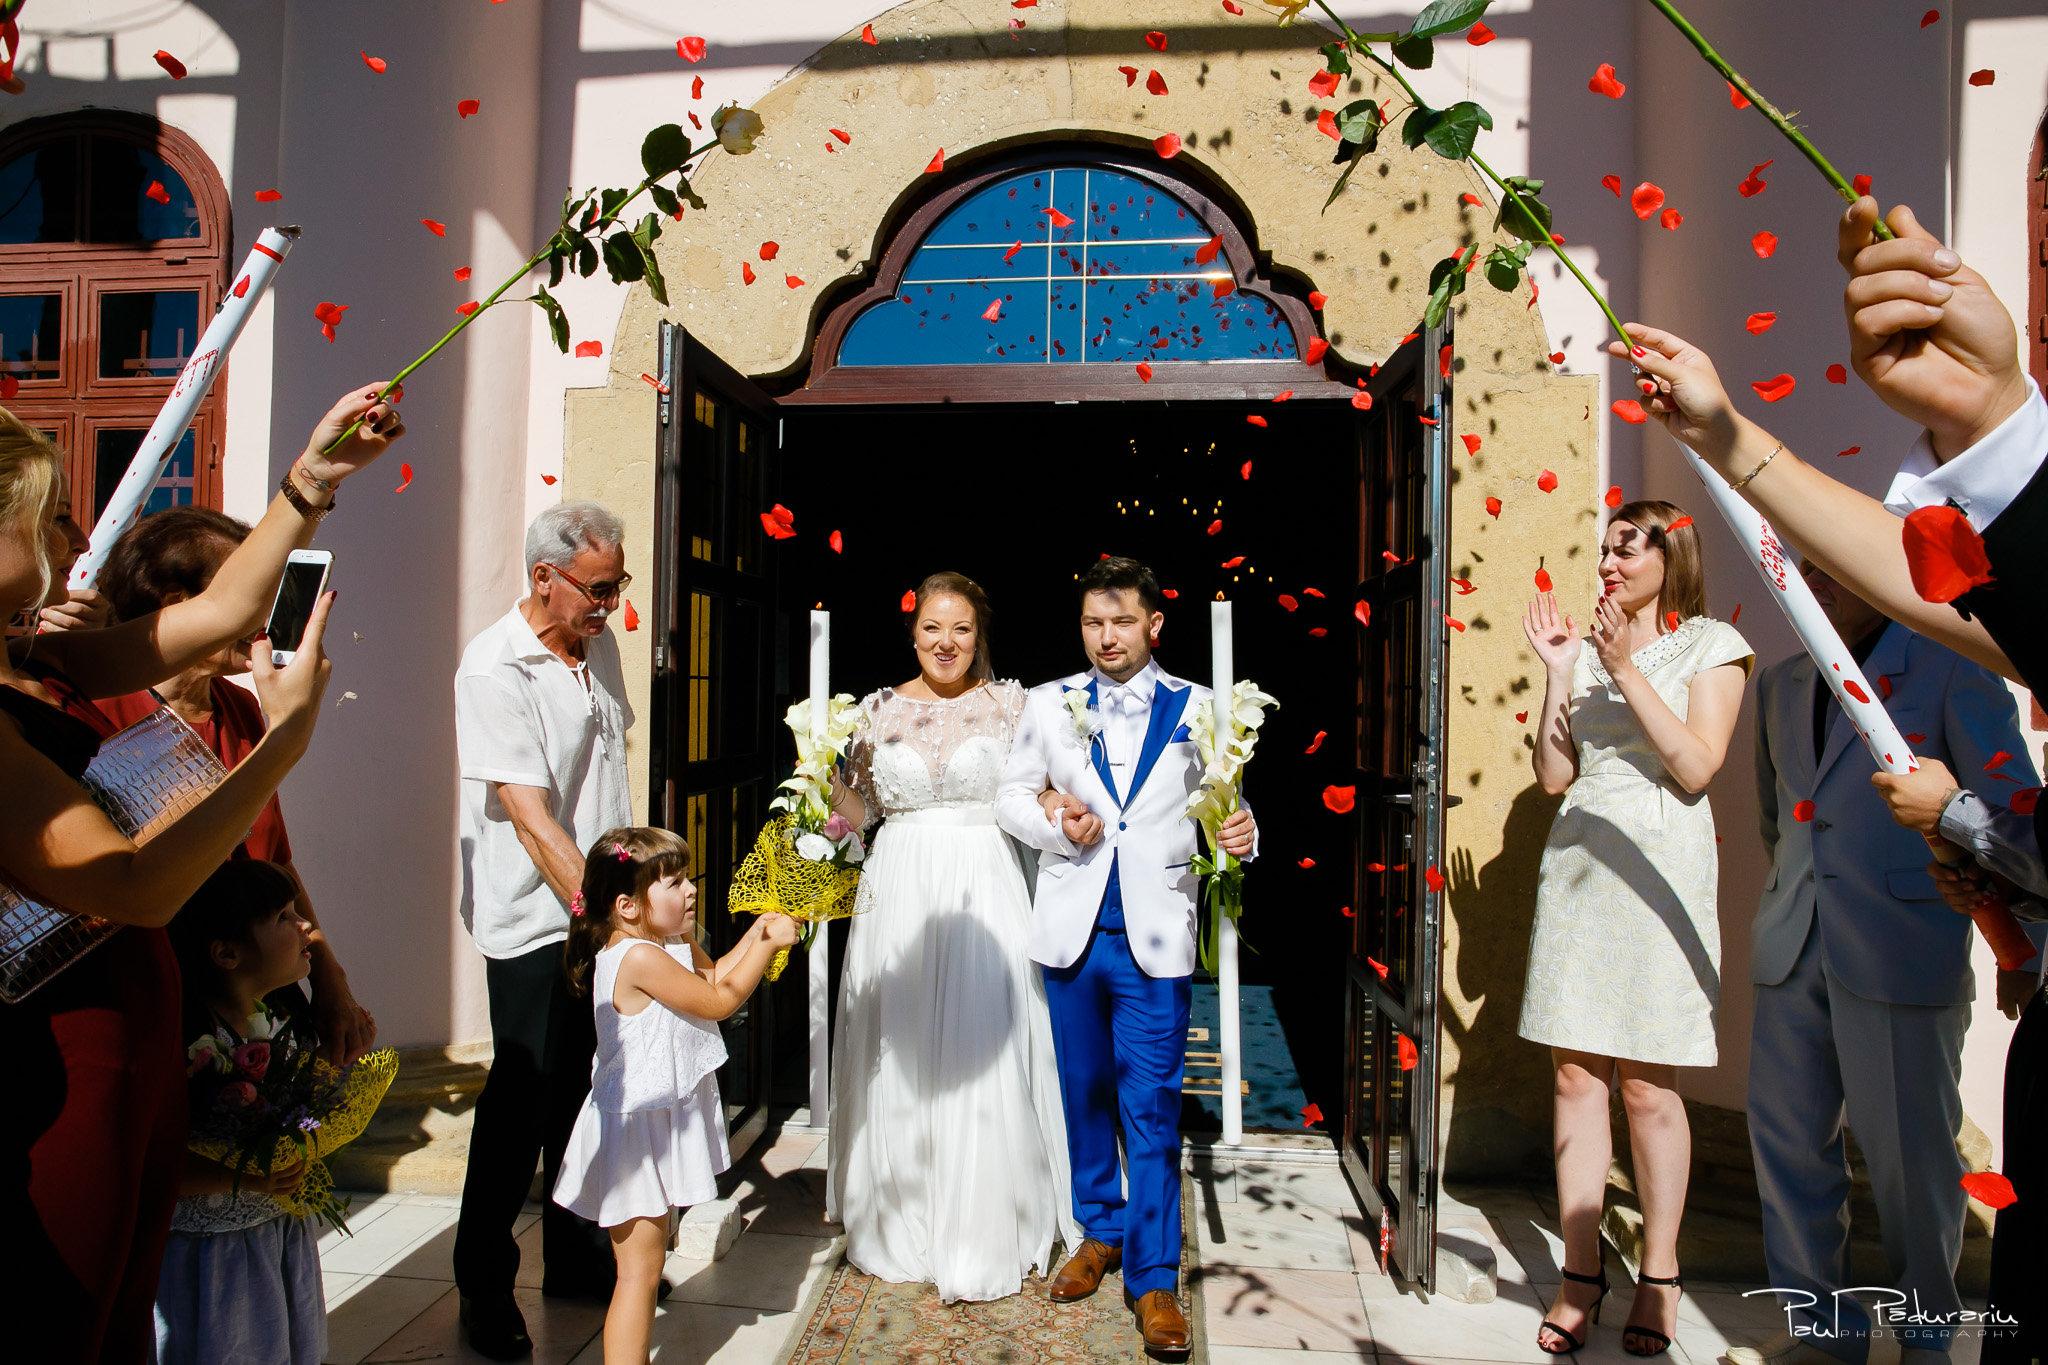 Cununia religioasa nunta Ema si Tudor fotograf de nunta iasi www.paulpadurariu.ro © 2017 Paul Padurariu iesirea din biserica